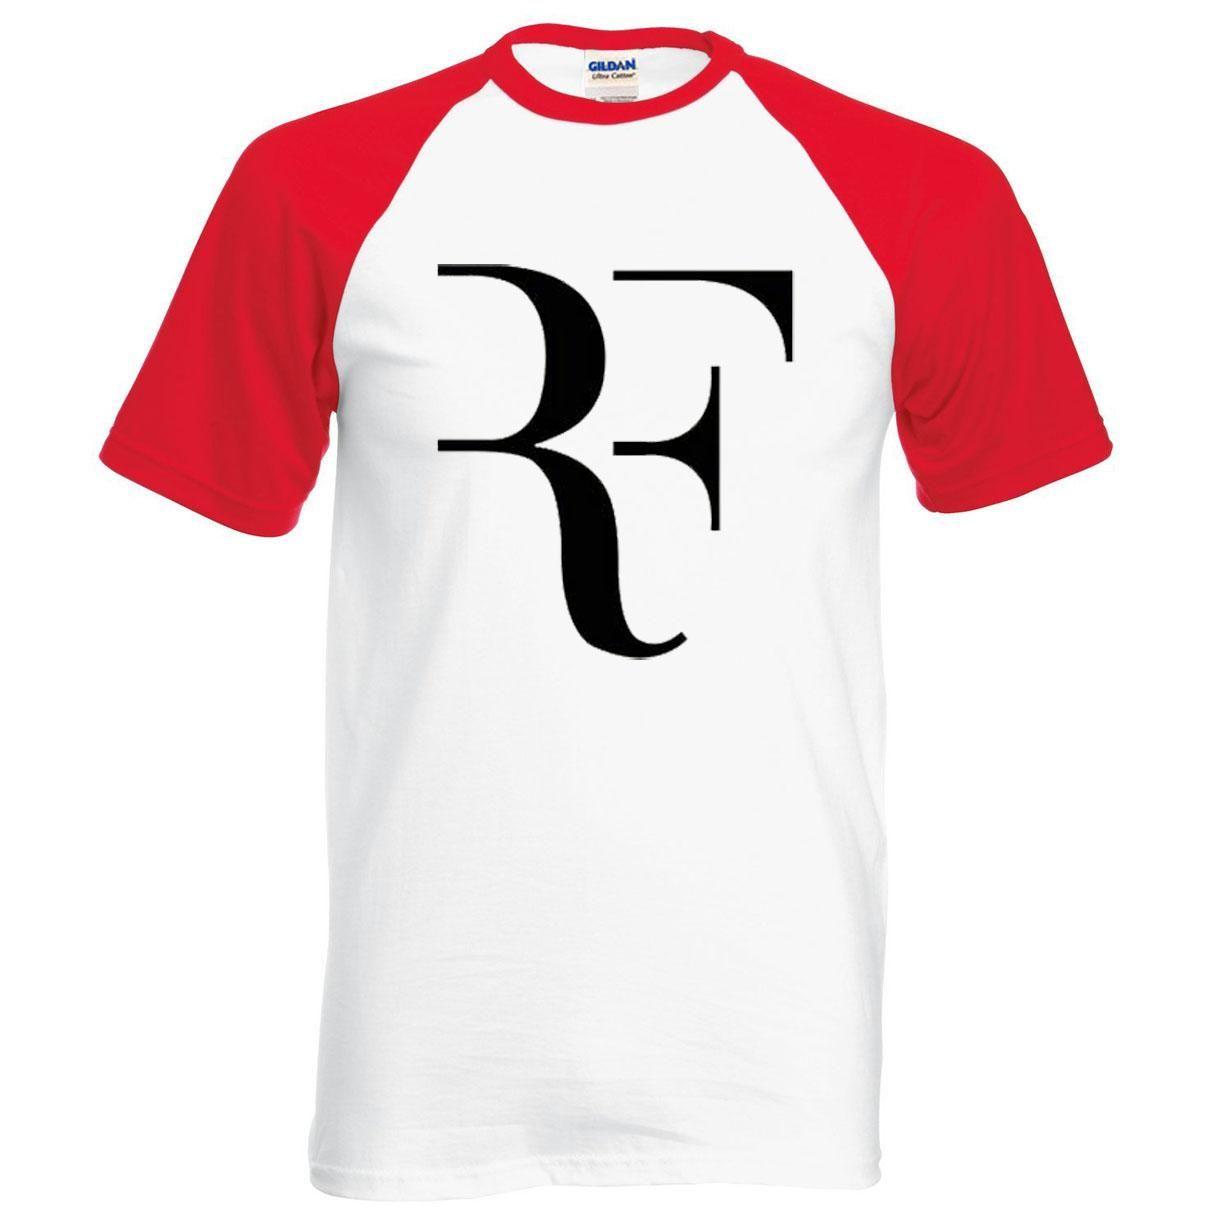 2018 nuova estate Roger Federer maglietta degli uomini RF raglan t shirt moda 100% cotone hip hop sciolto t-shirt supera it marchio di abbigliamento